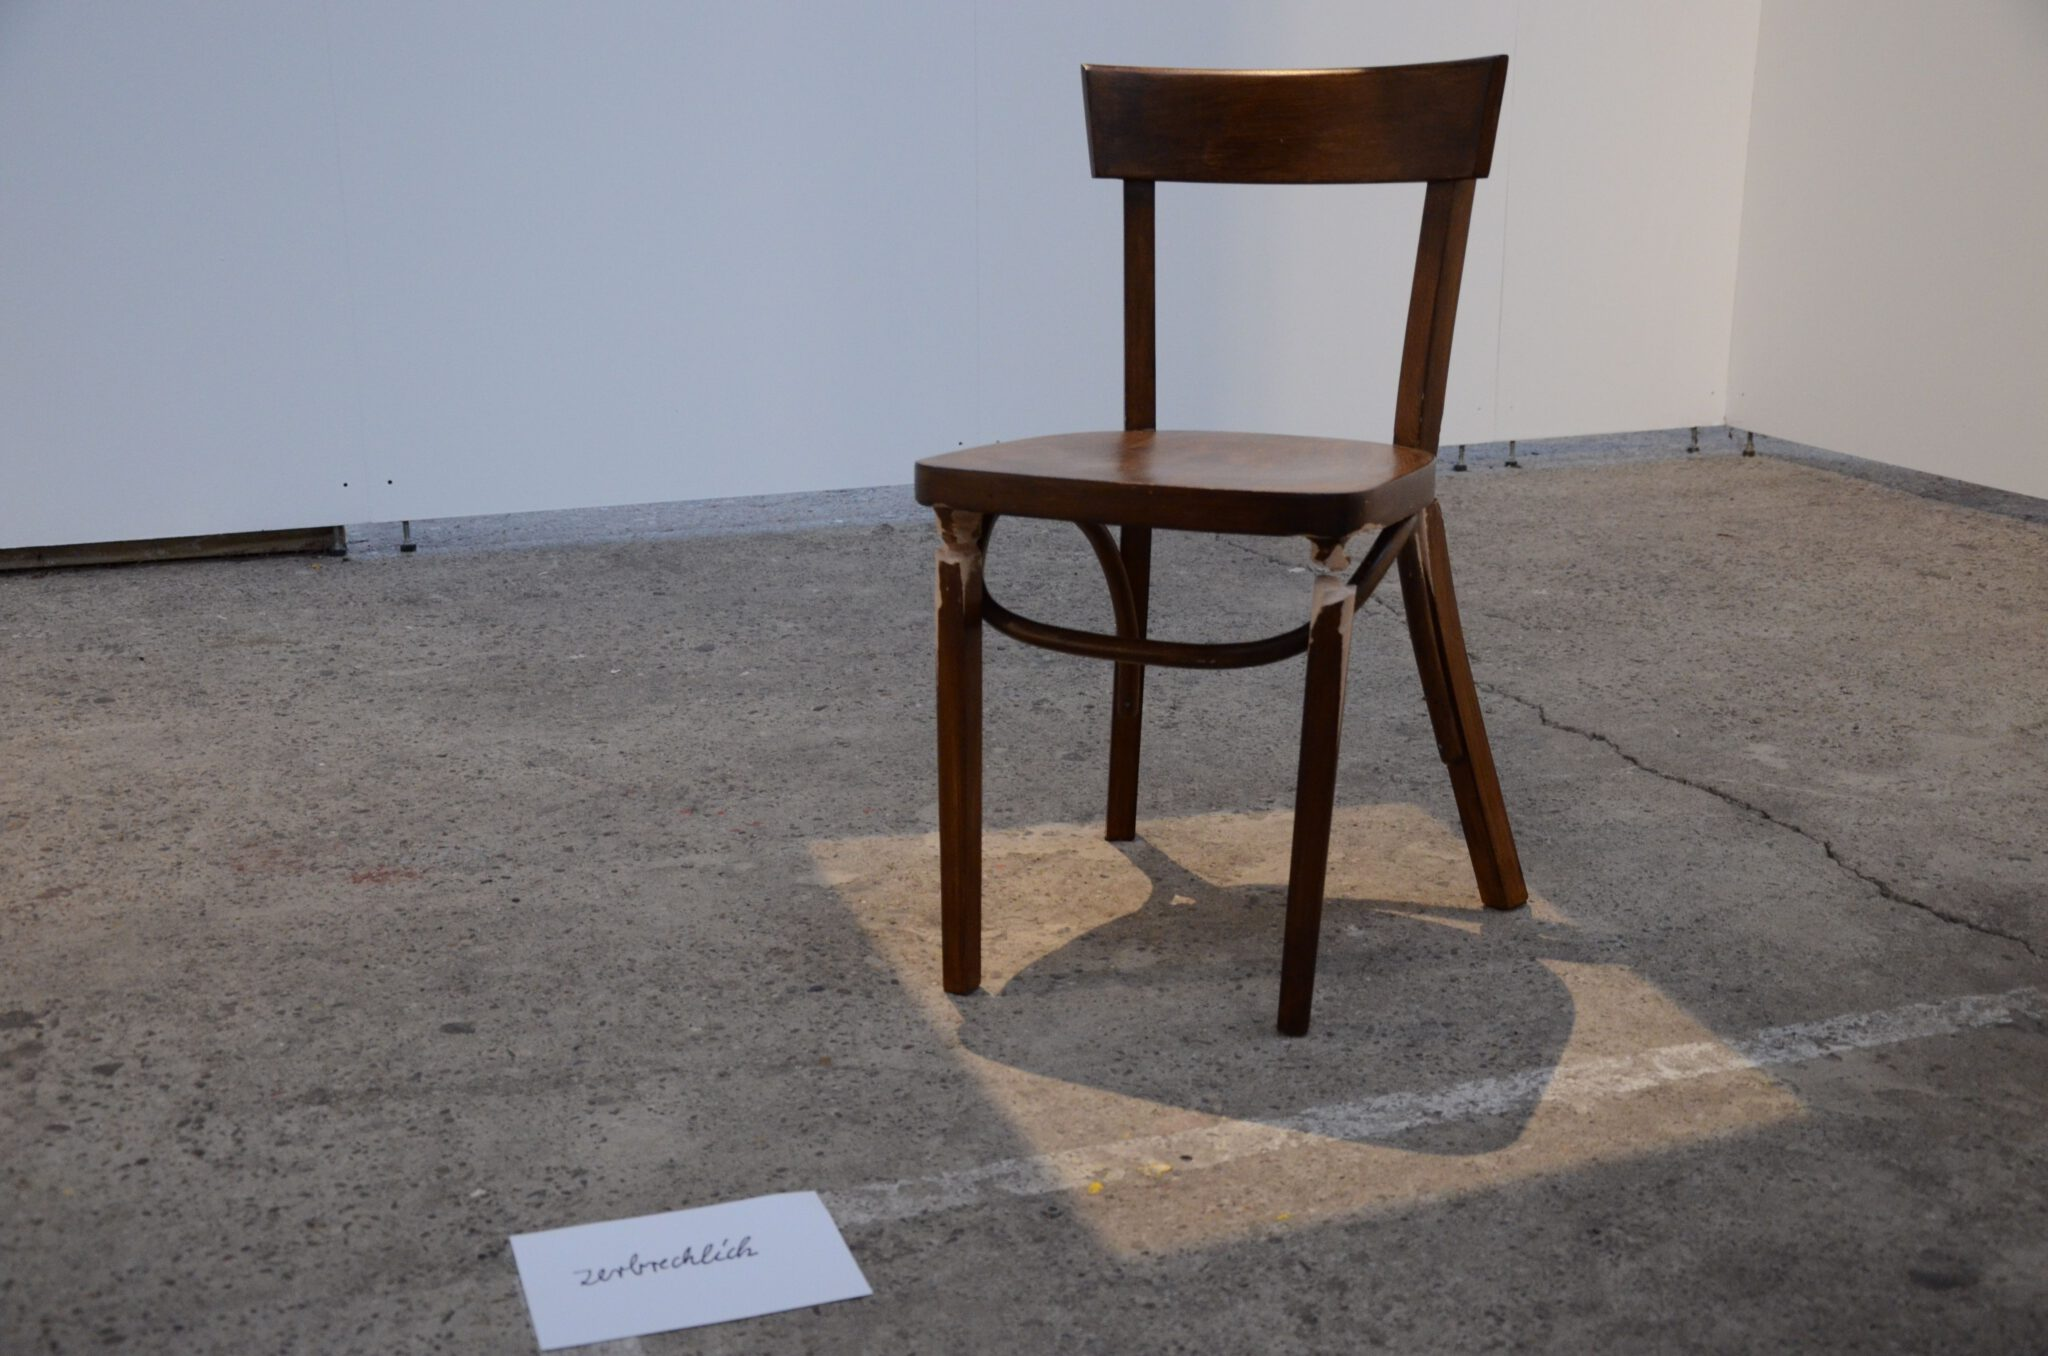 """Angelika Wischermanns Installation """"Auf eigenen Beinen stehen"""" ist eines von drei Werken die 2019 mit dem EN-Kunstpreis gewürdigt wurden - Foto UvK/Ennepe-Ruhr-Kreis"""